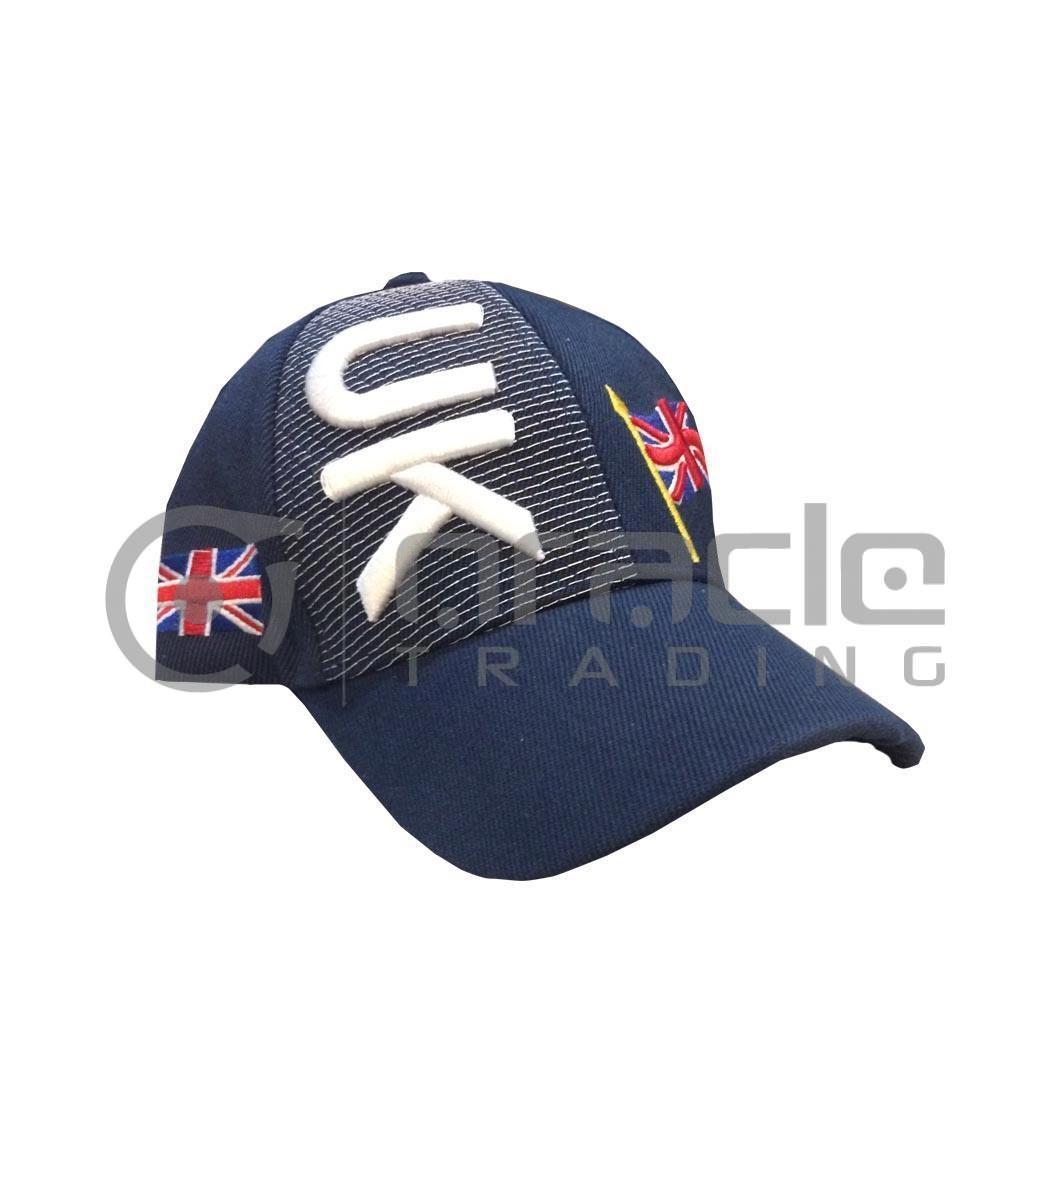 3D UK Hat - Kid Size